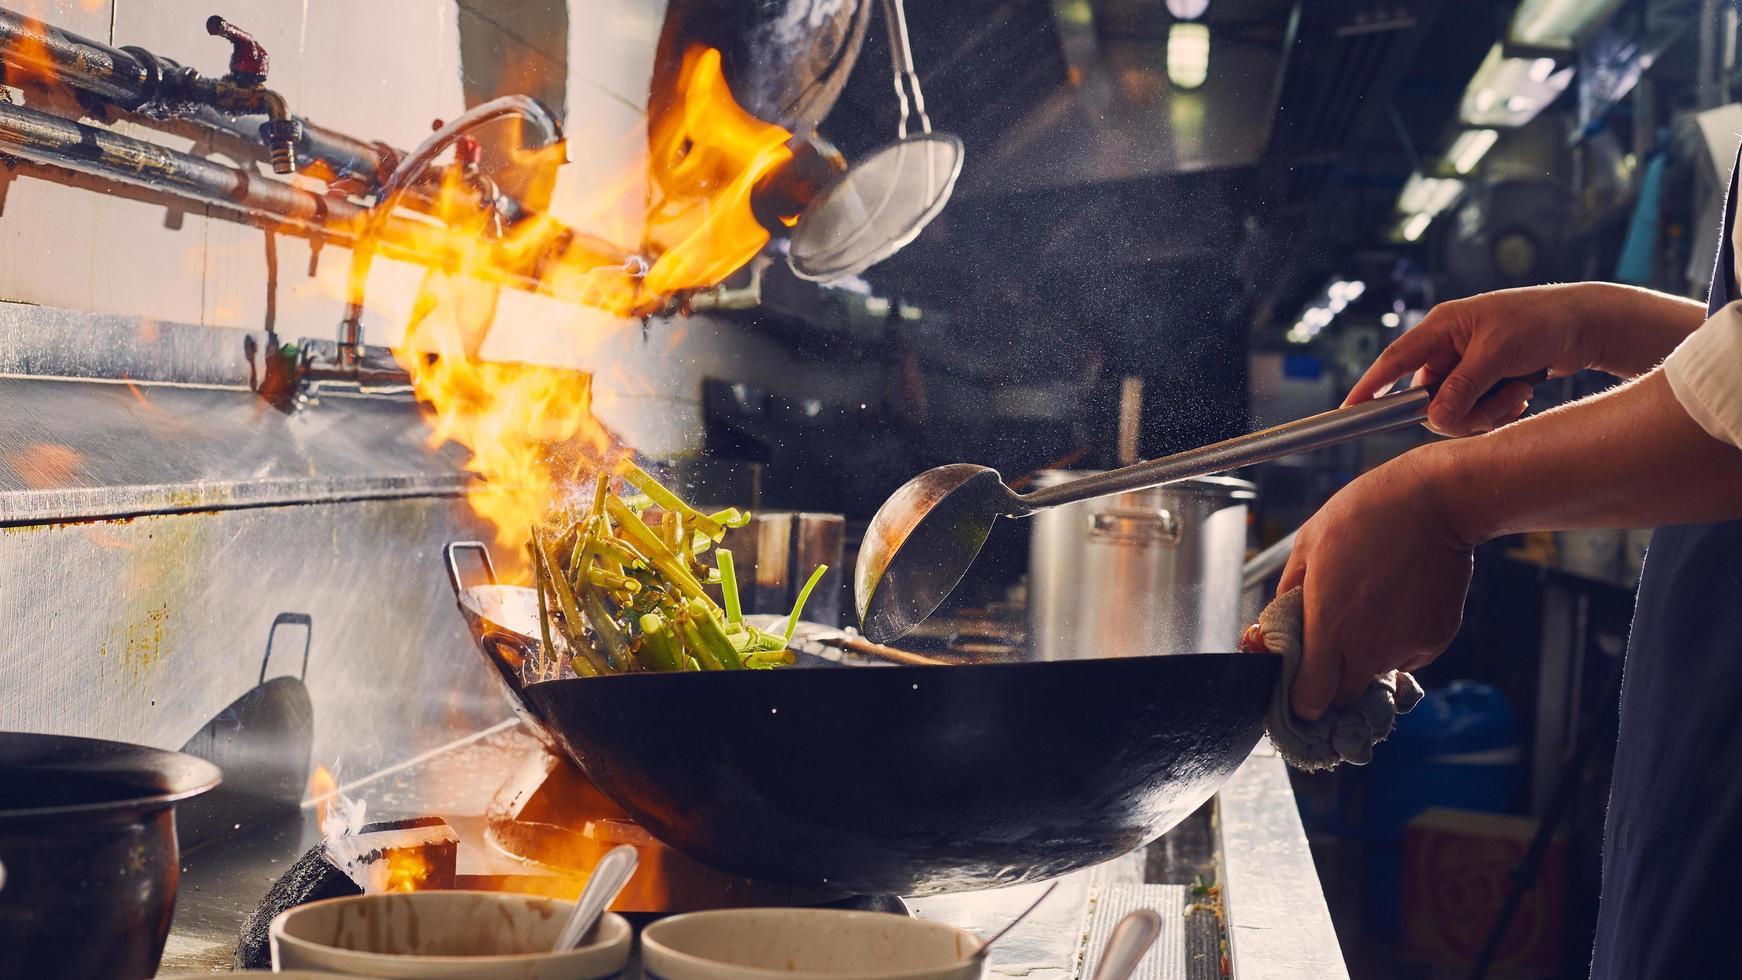 Kochen im Wok auf einem Herd foto